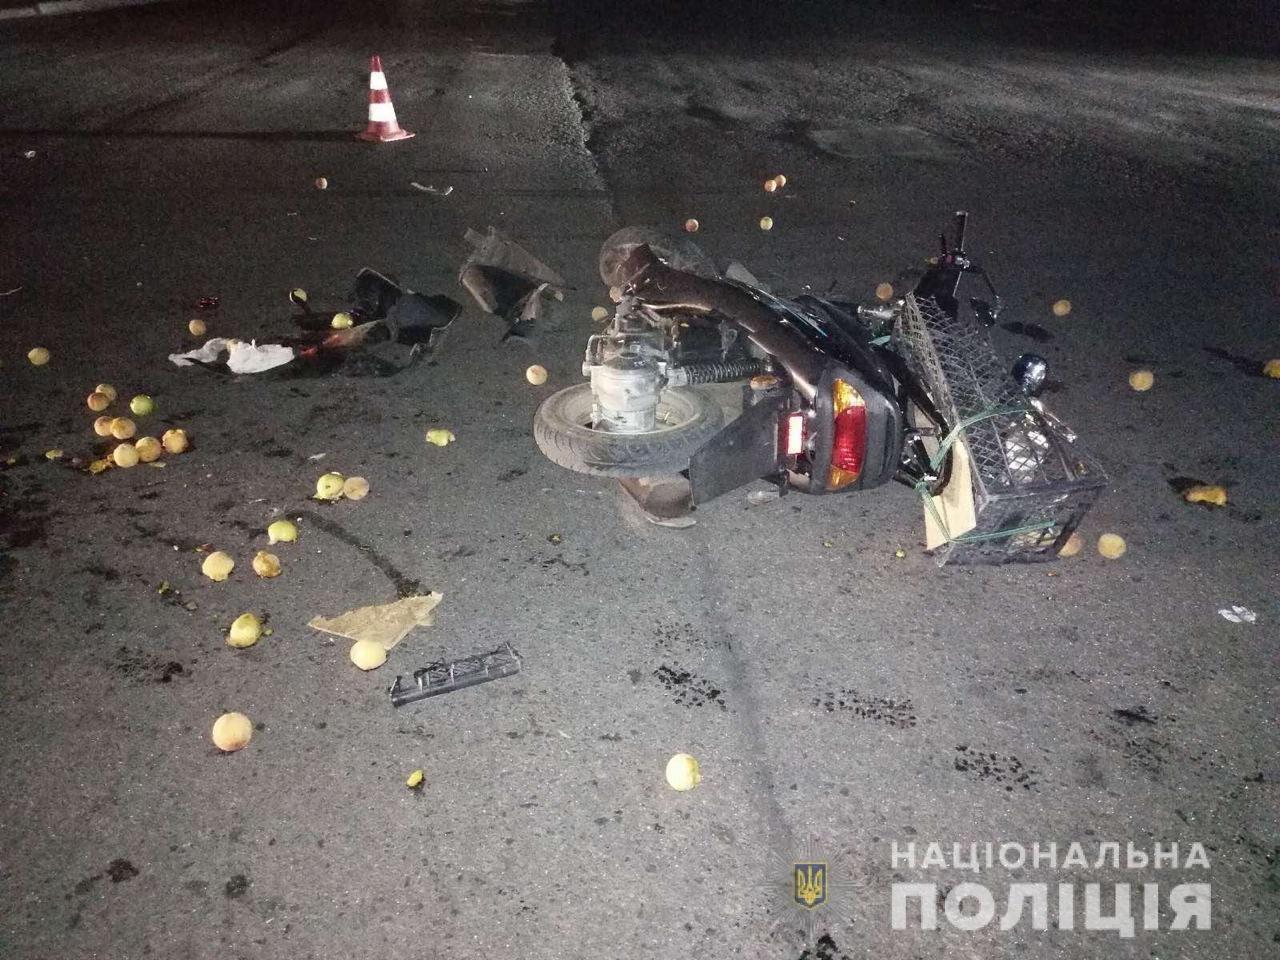 Мужчина и ребёнок в больнице: в Лозовой возле рынка произошло ДТП, фото-1